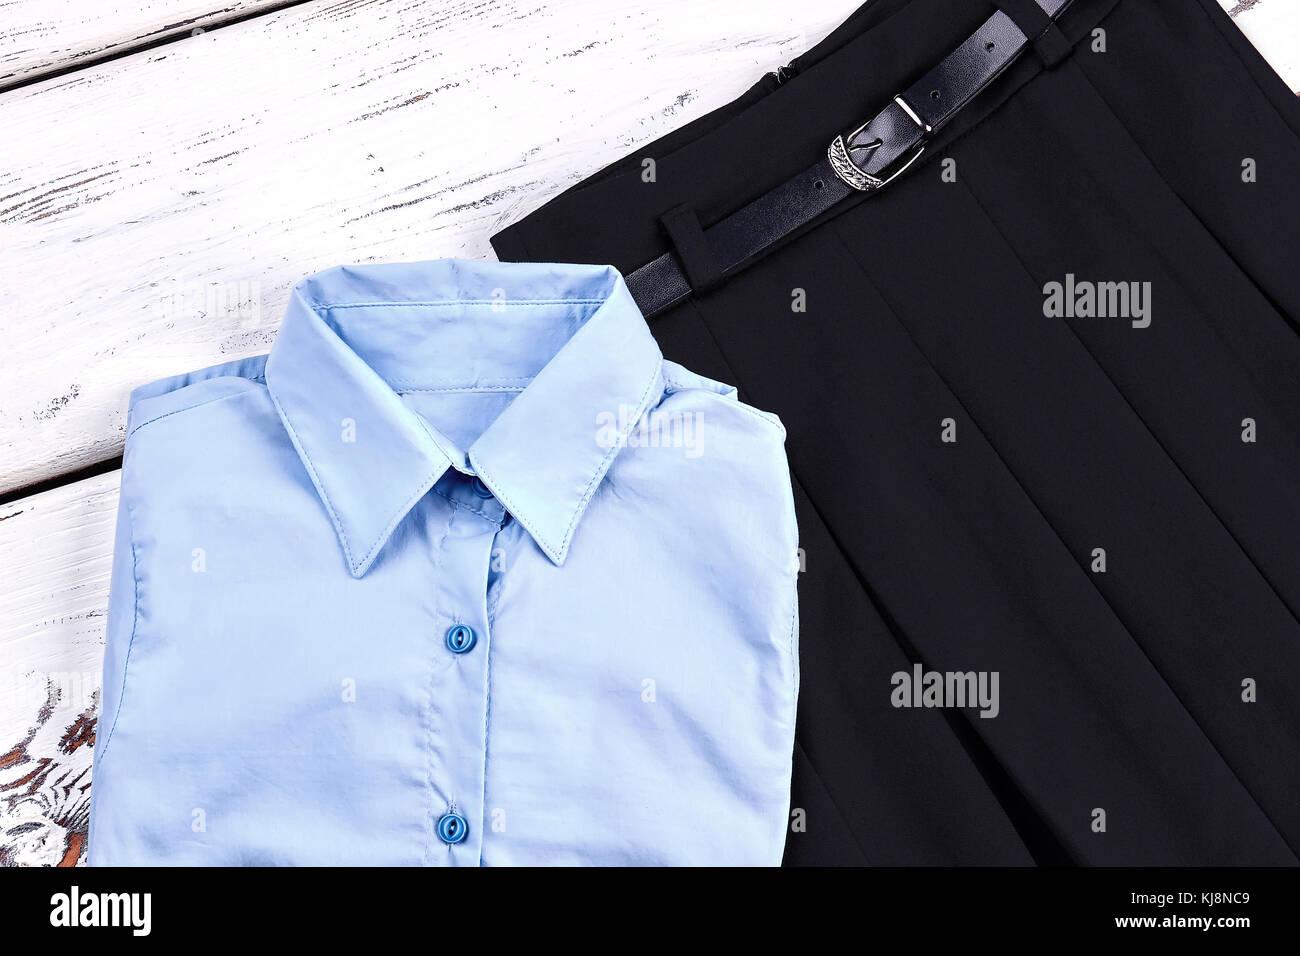 2143ea84a Elegante conjunto de uniformes escolares para niñas. Las niñas nuevo  elegante Blusa y falda de desgaste para la escuela. escuela clásica prendas  de vestir ...